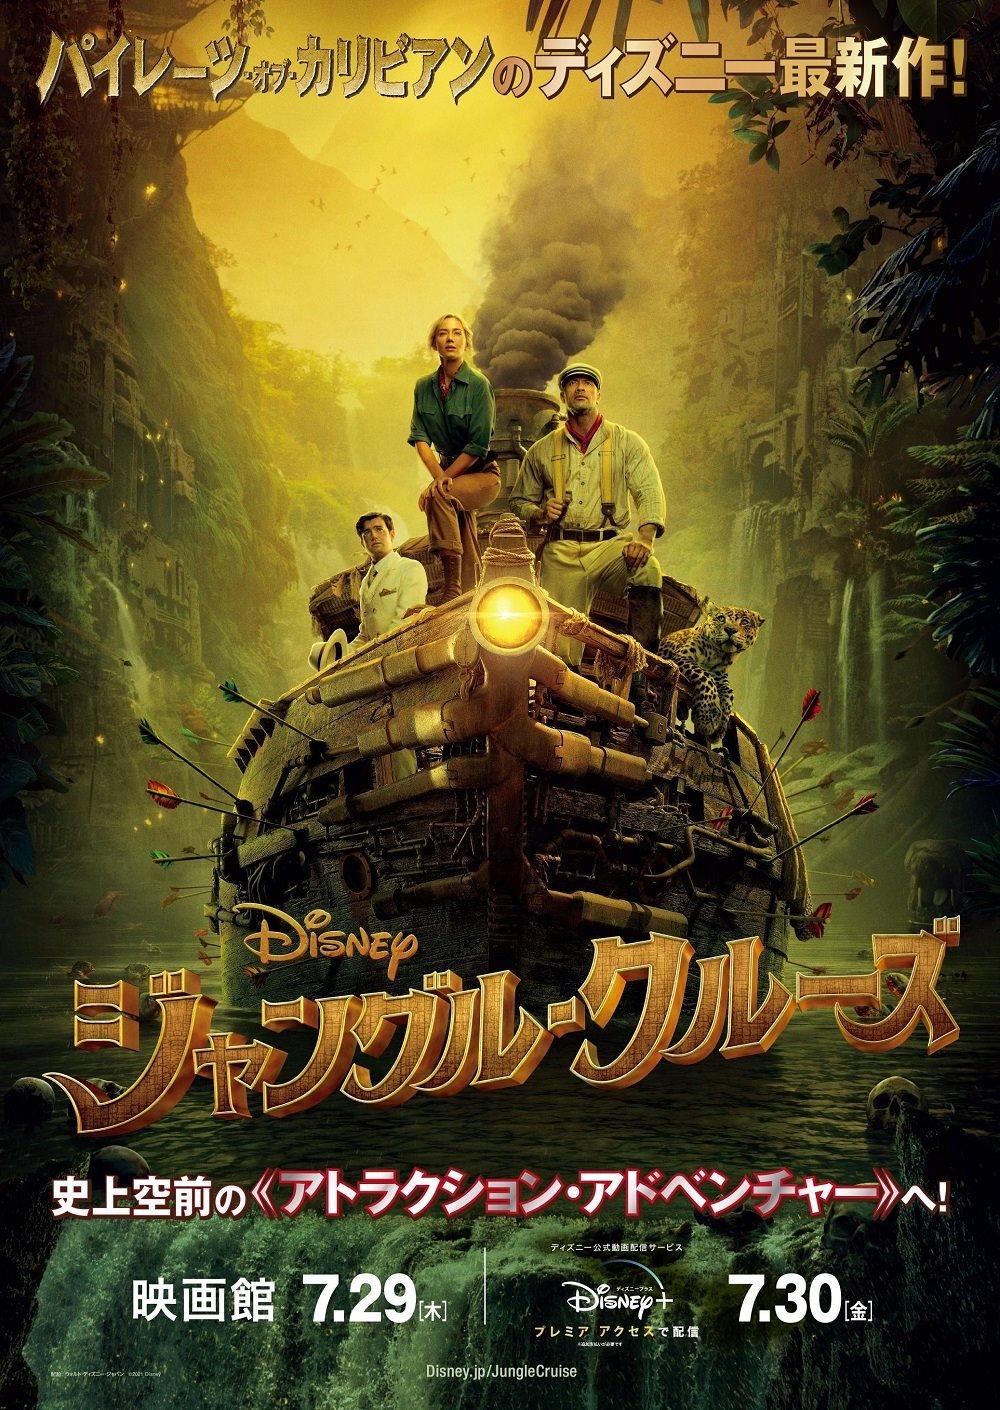 【画像】映画『ジャングル・クルーズ』ポスタービジュアル